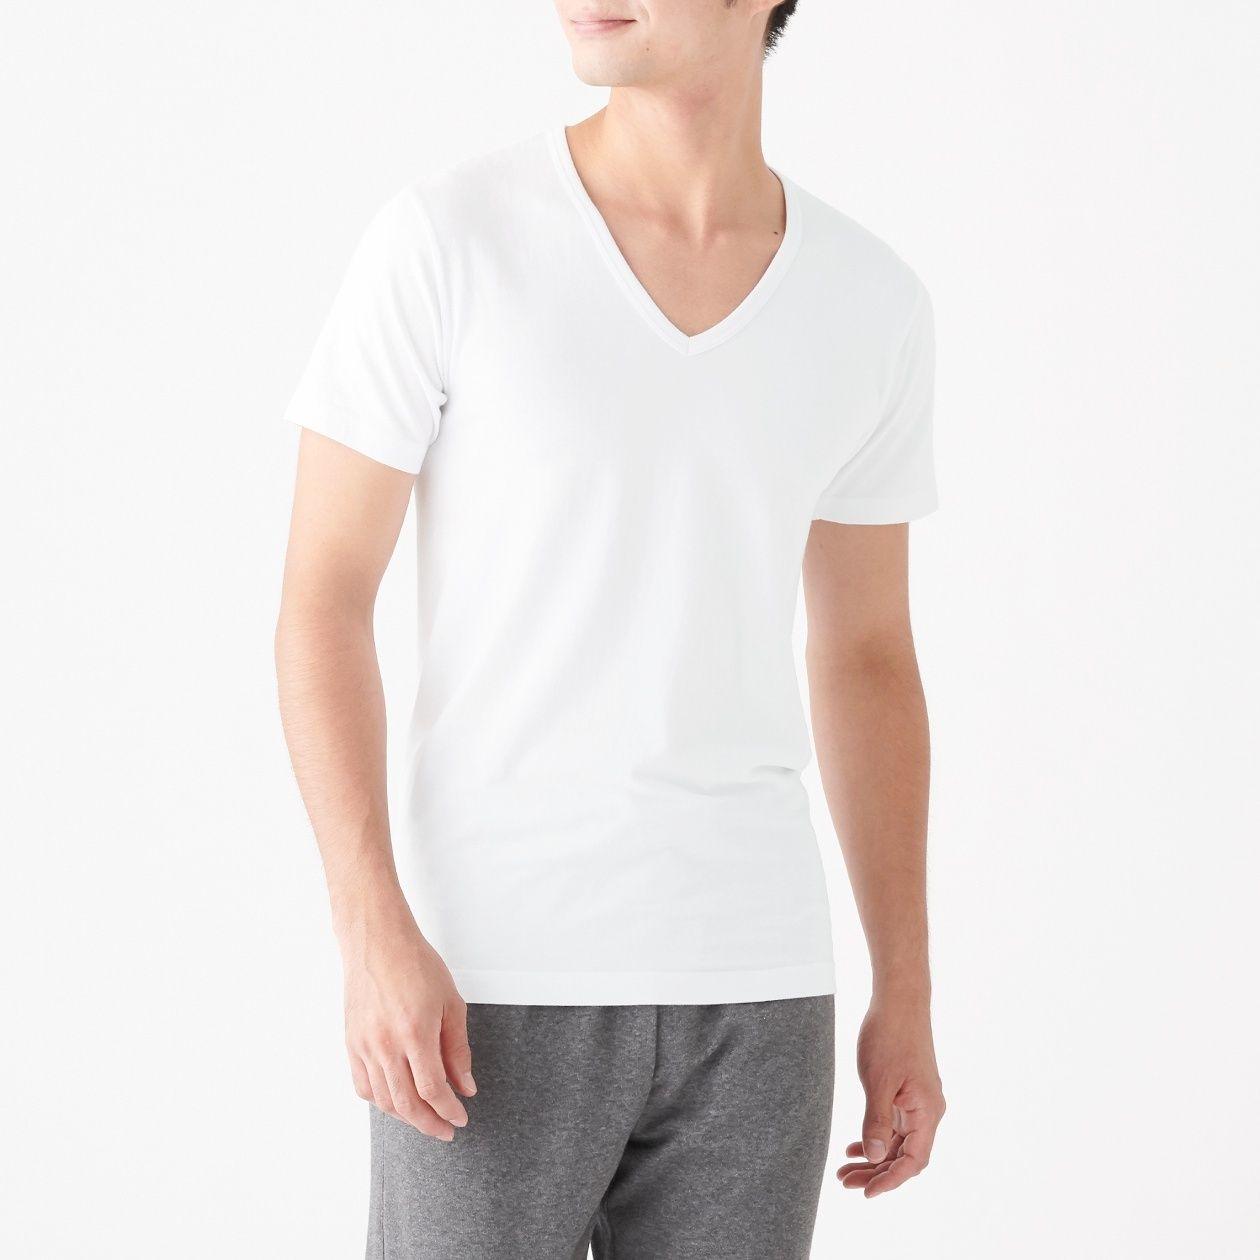 綿であったかVネック半袖Tシャツ